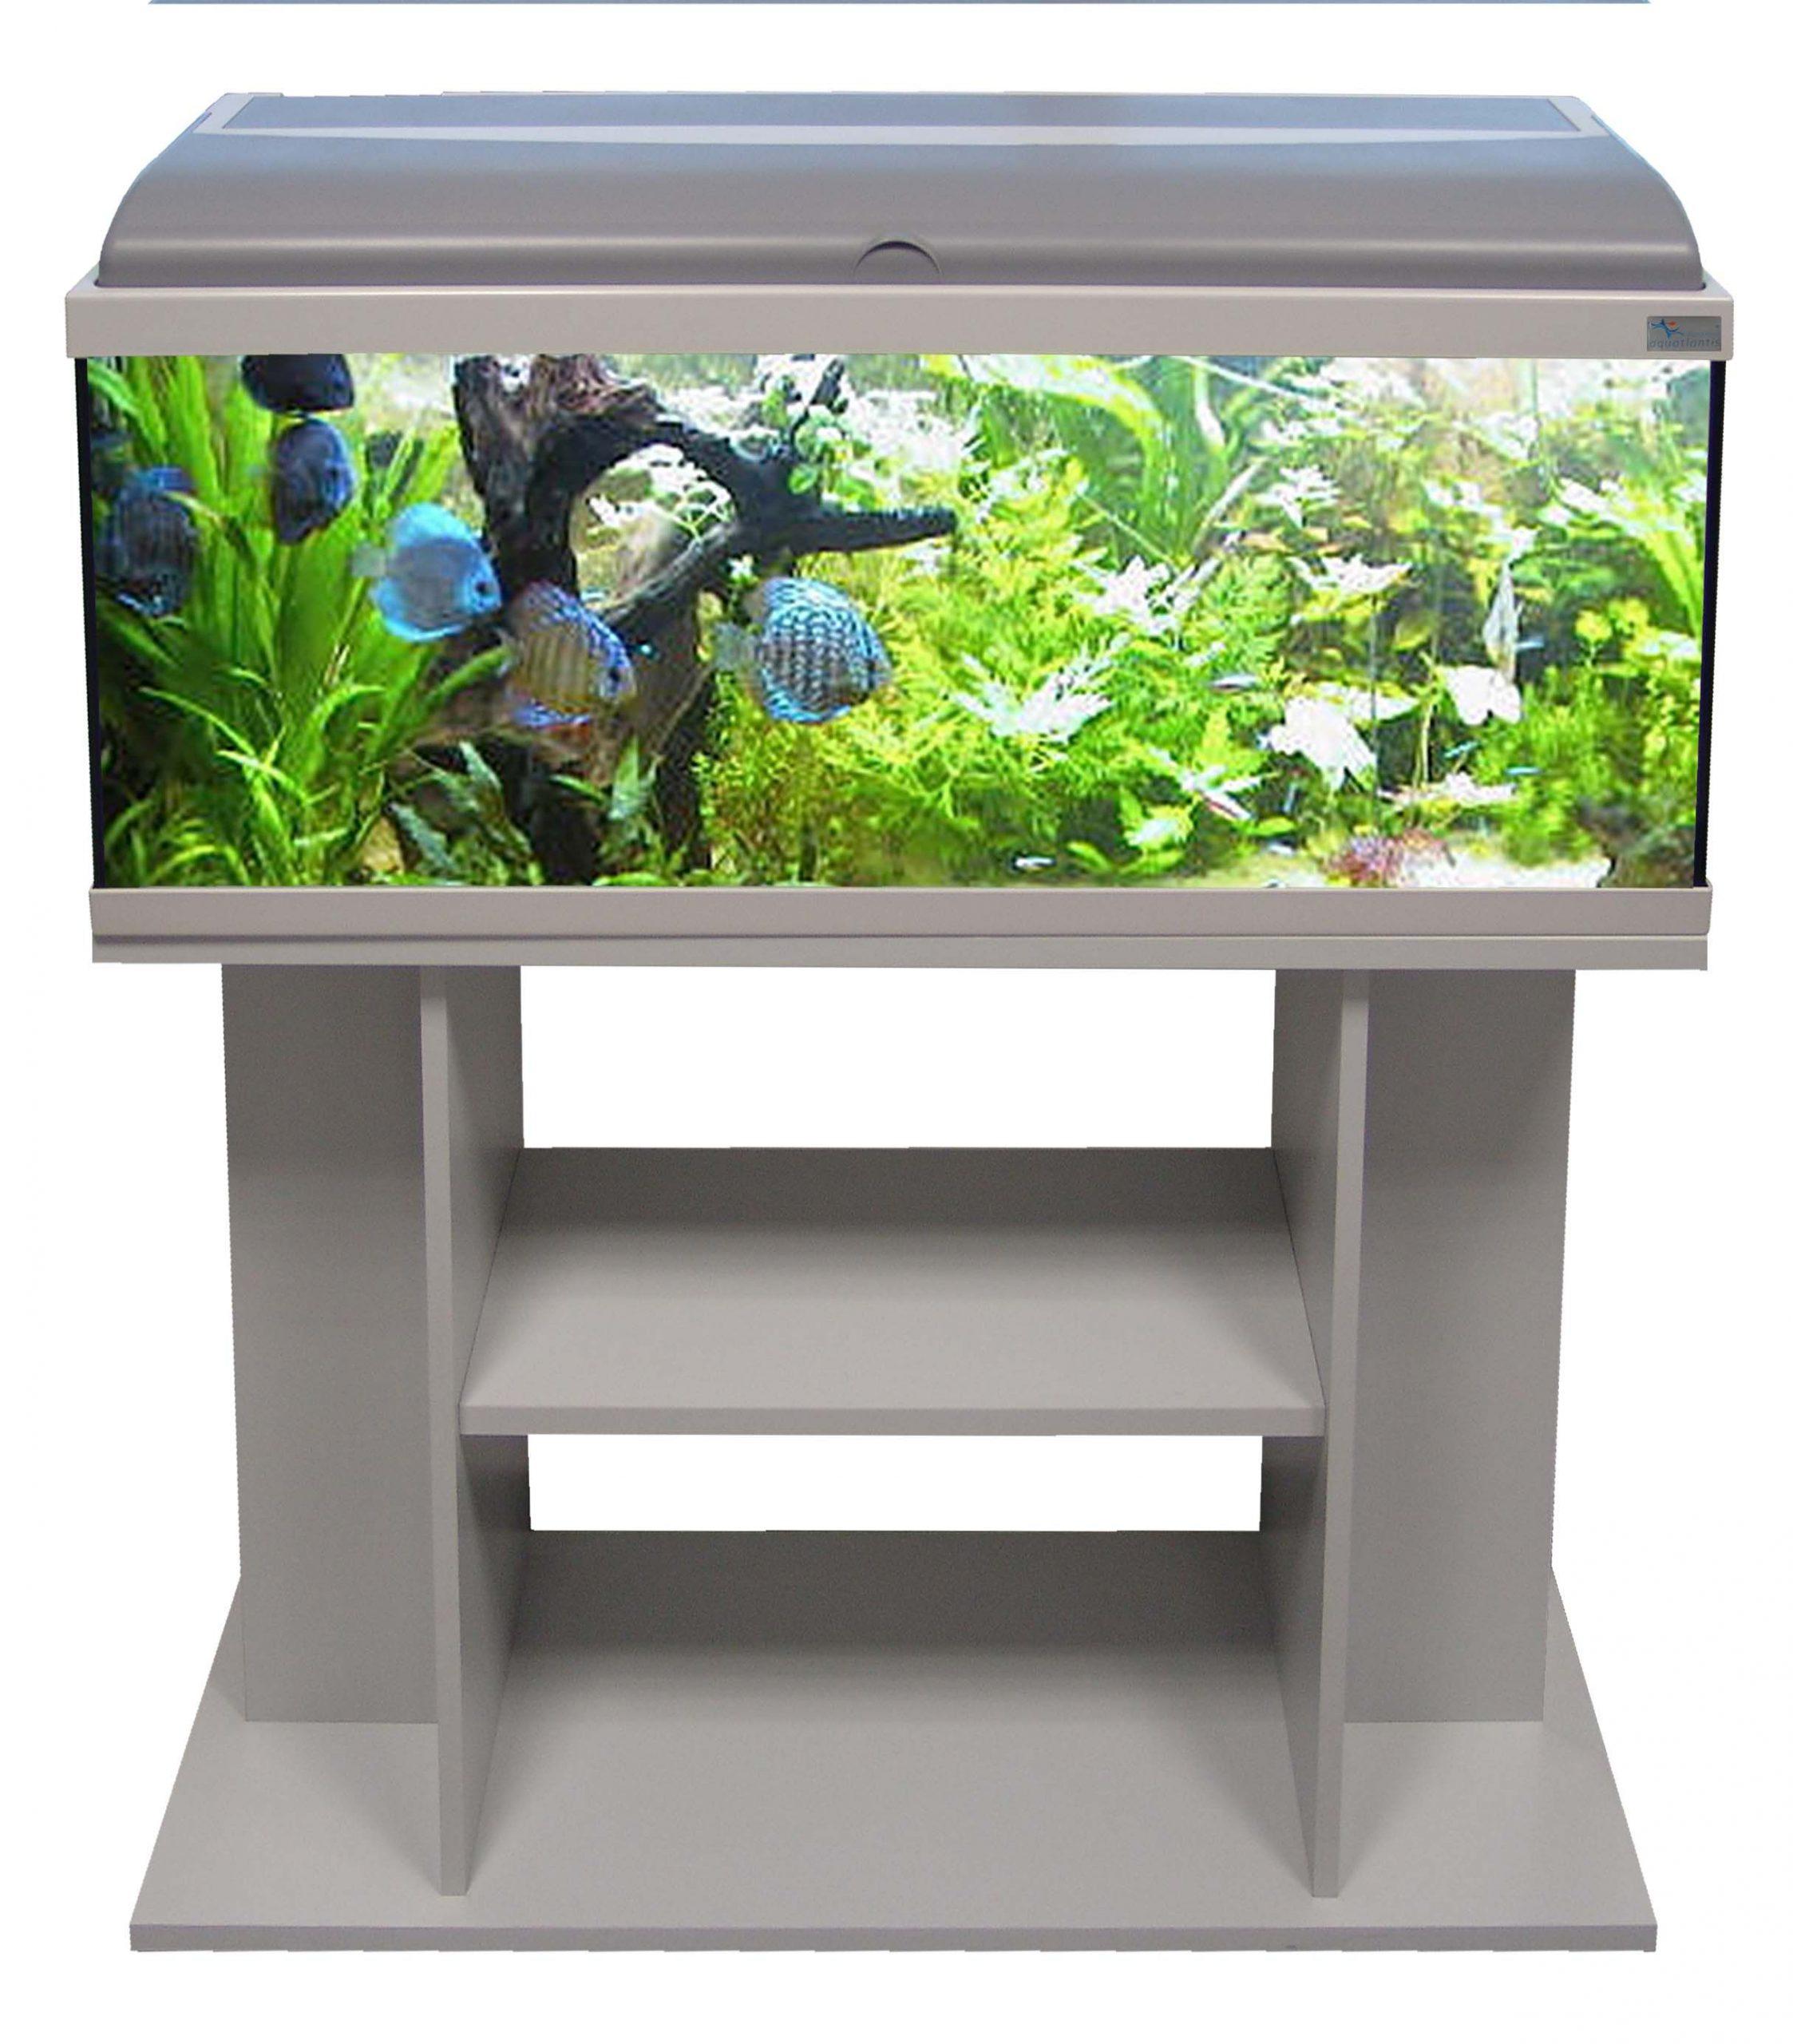 нормальное полки под аквариум фото цветов